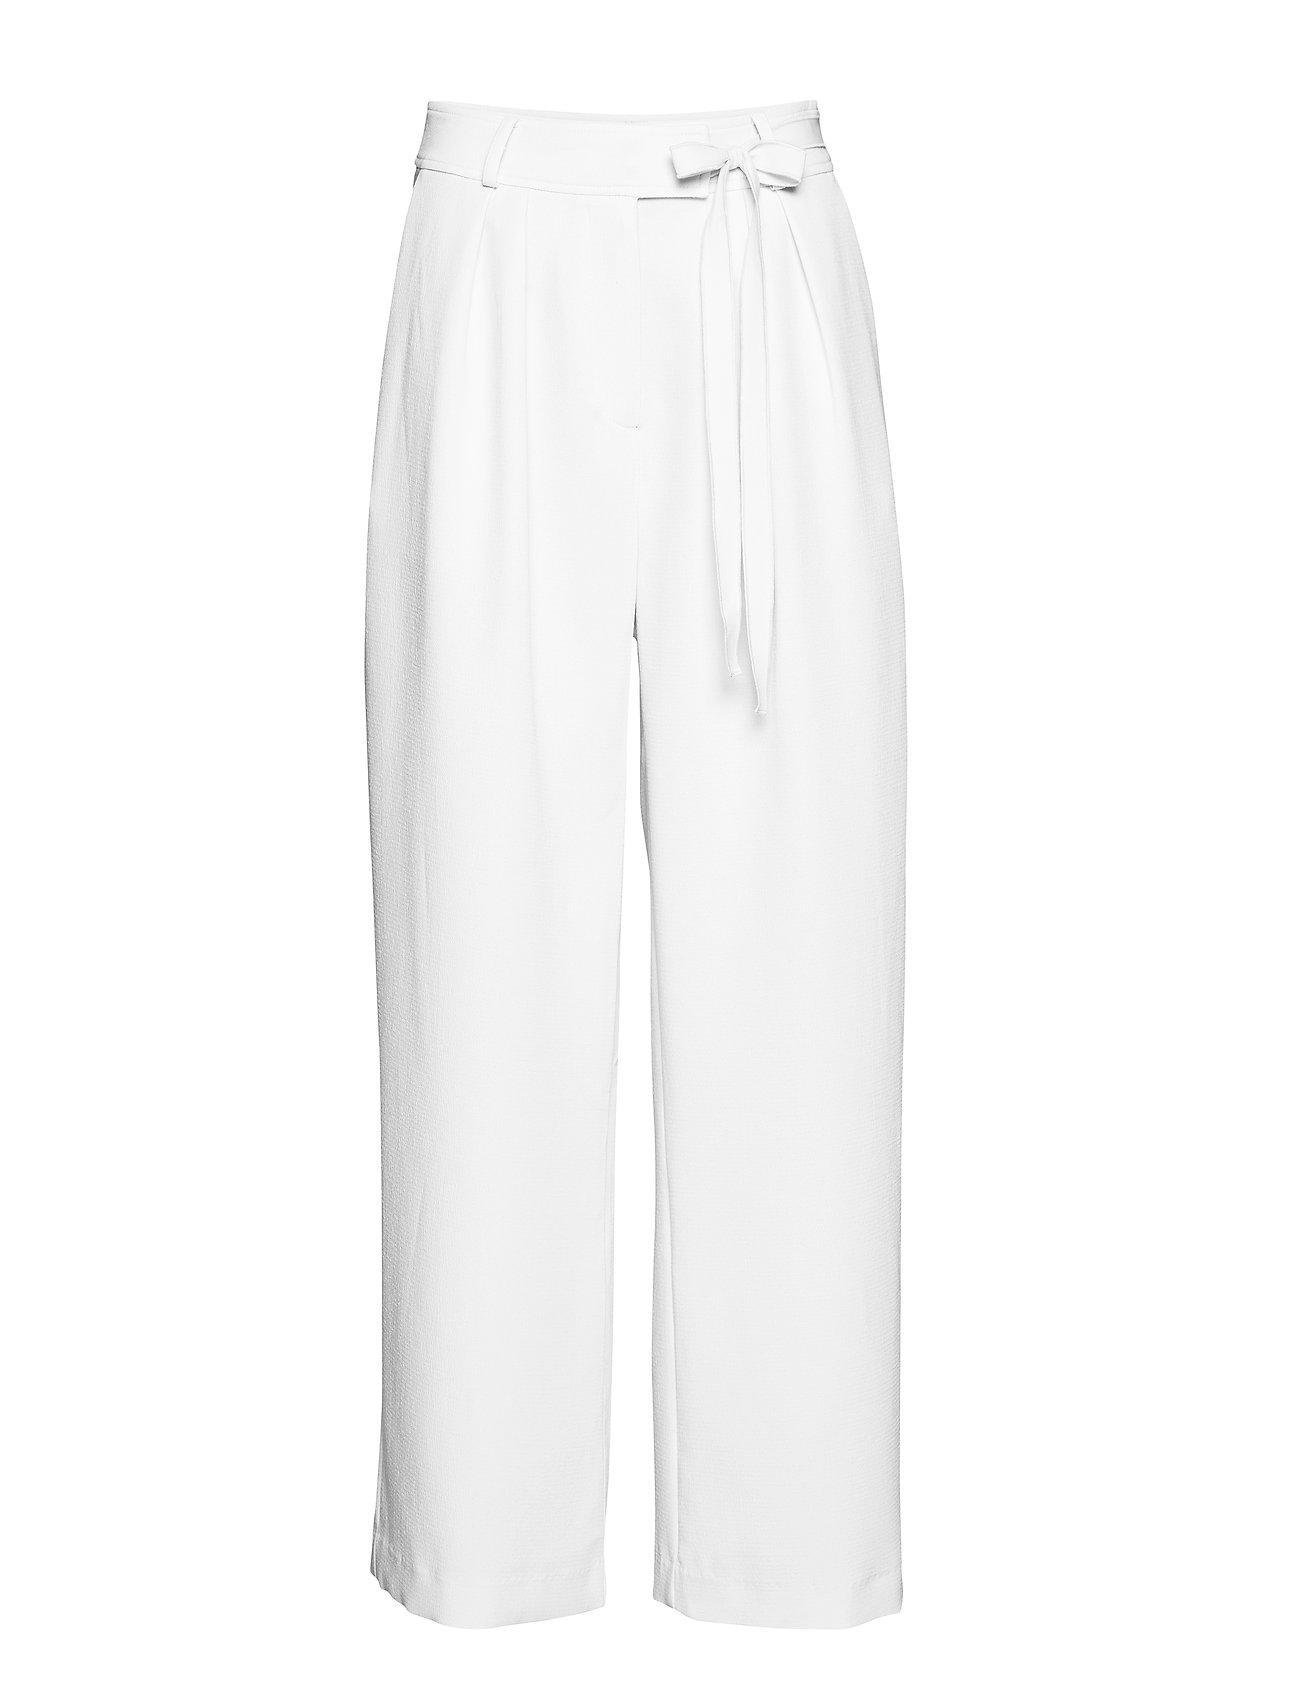 Samsøe & Samsøe Magritt pants 10456 - WHITE ASPARAGUS